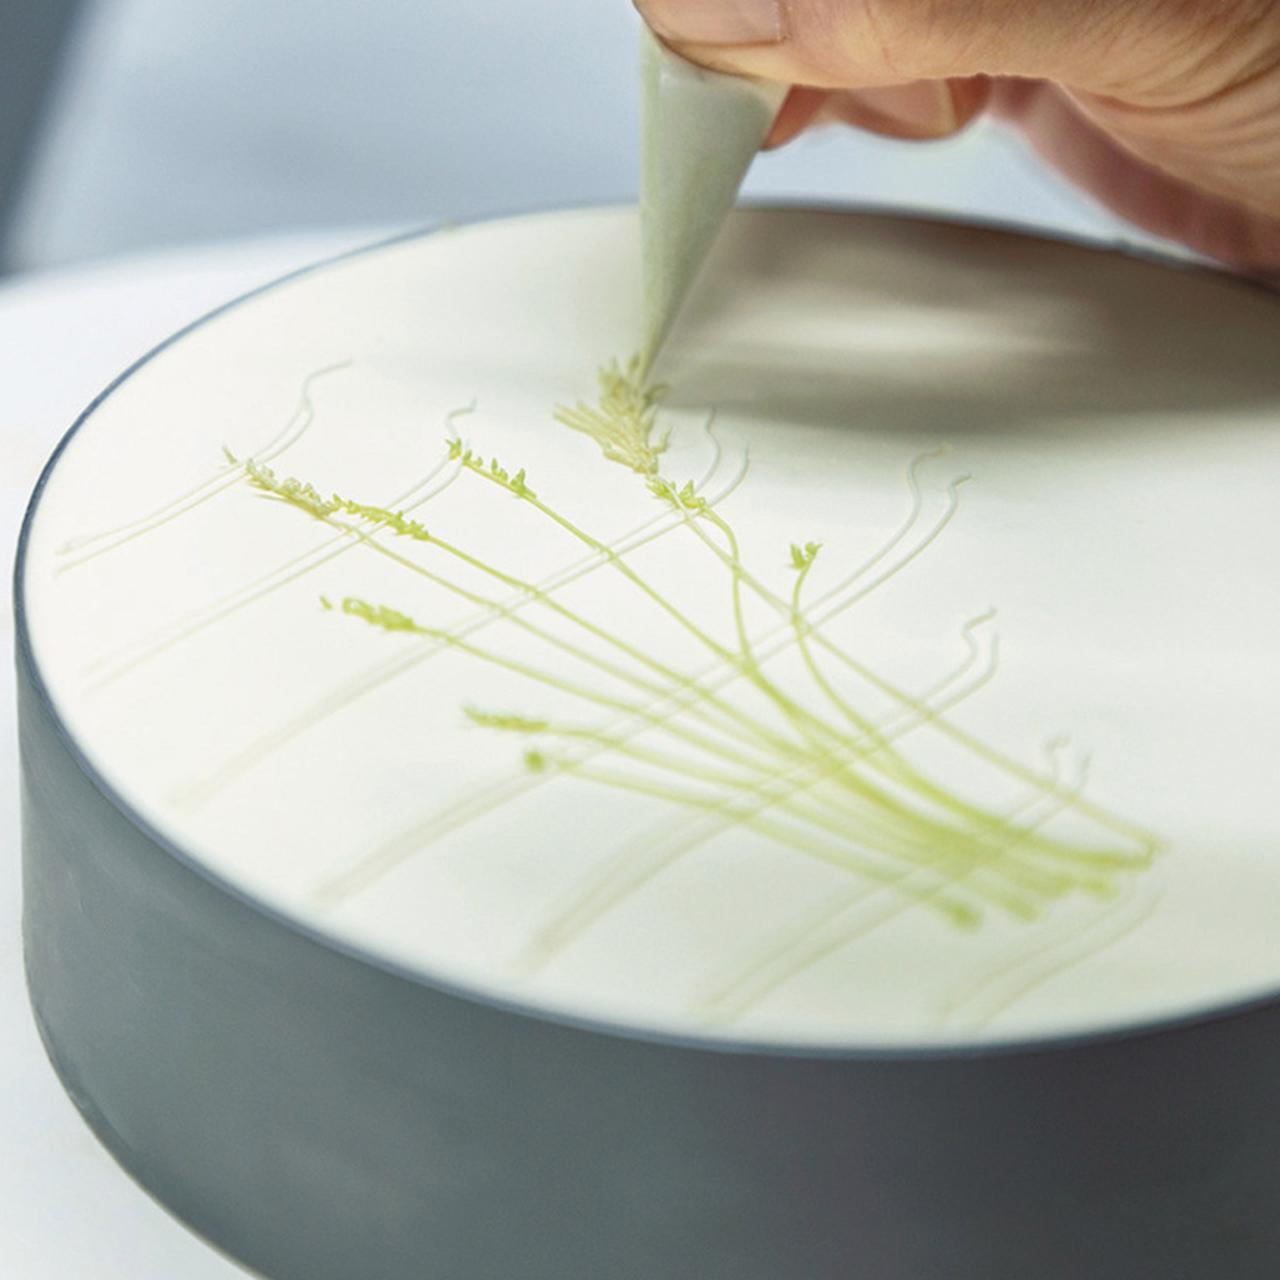 Images : 6番目の画像 - 「パーラー ローレルの 熟練職人が紡ぎだす 花のケーキの物語」のアルバム - T JAPAN:The New York Times Style Magazine 公式サイト